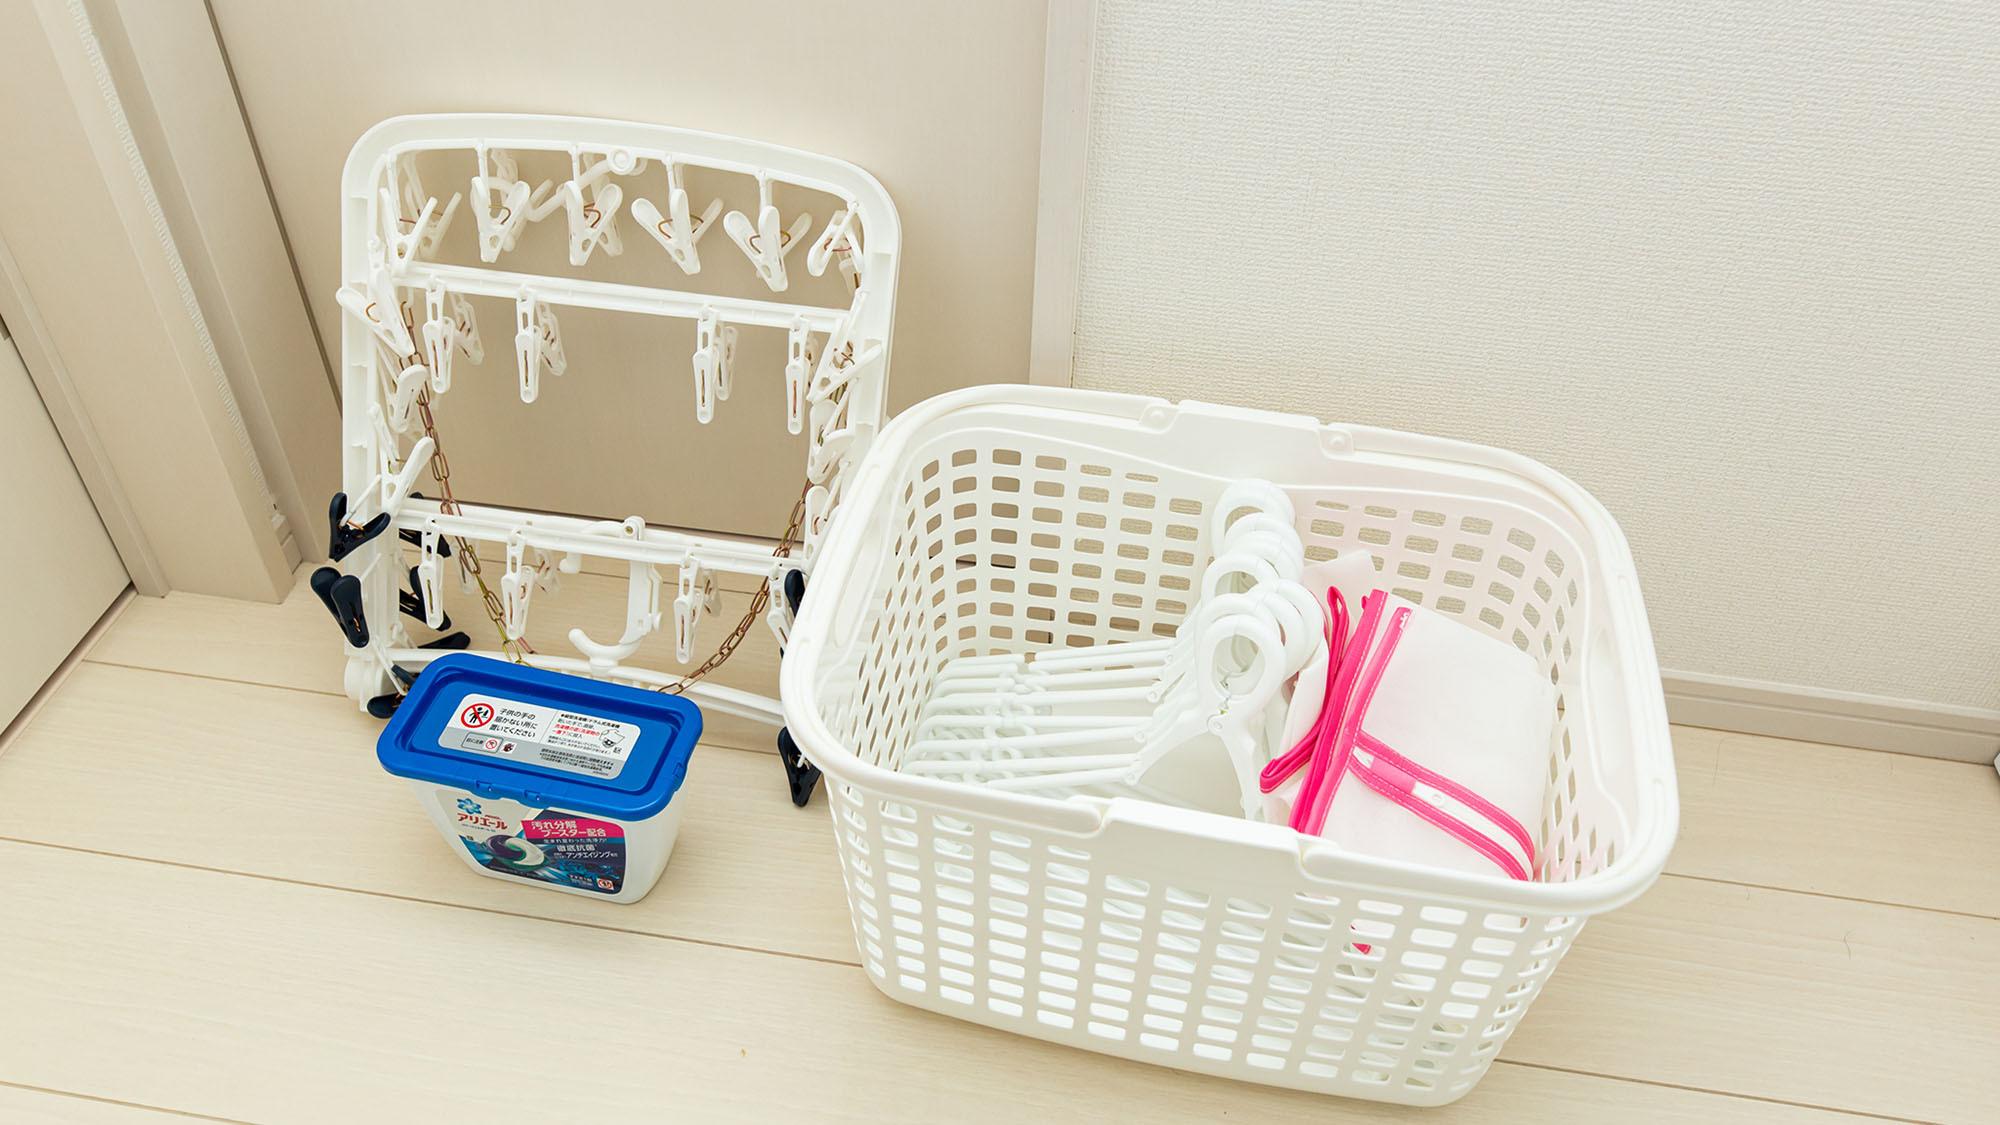 全棟共通・洗濯用備品